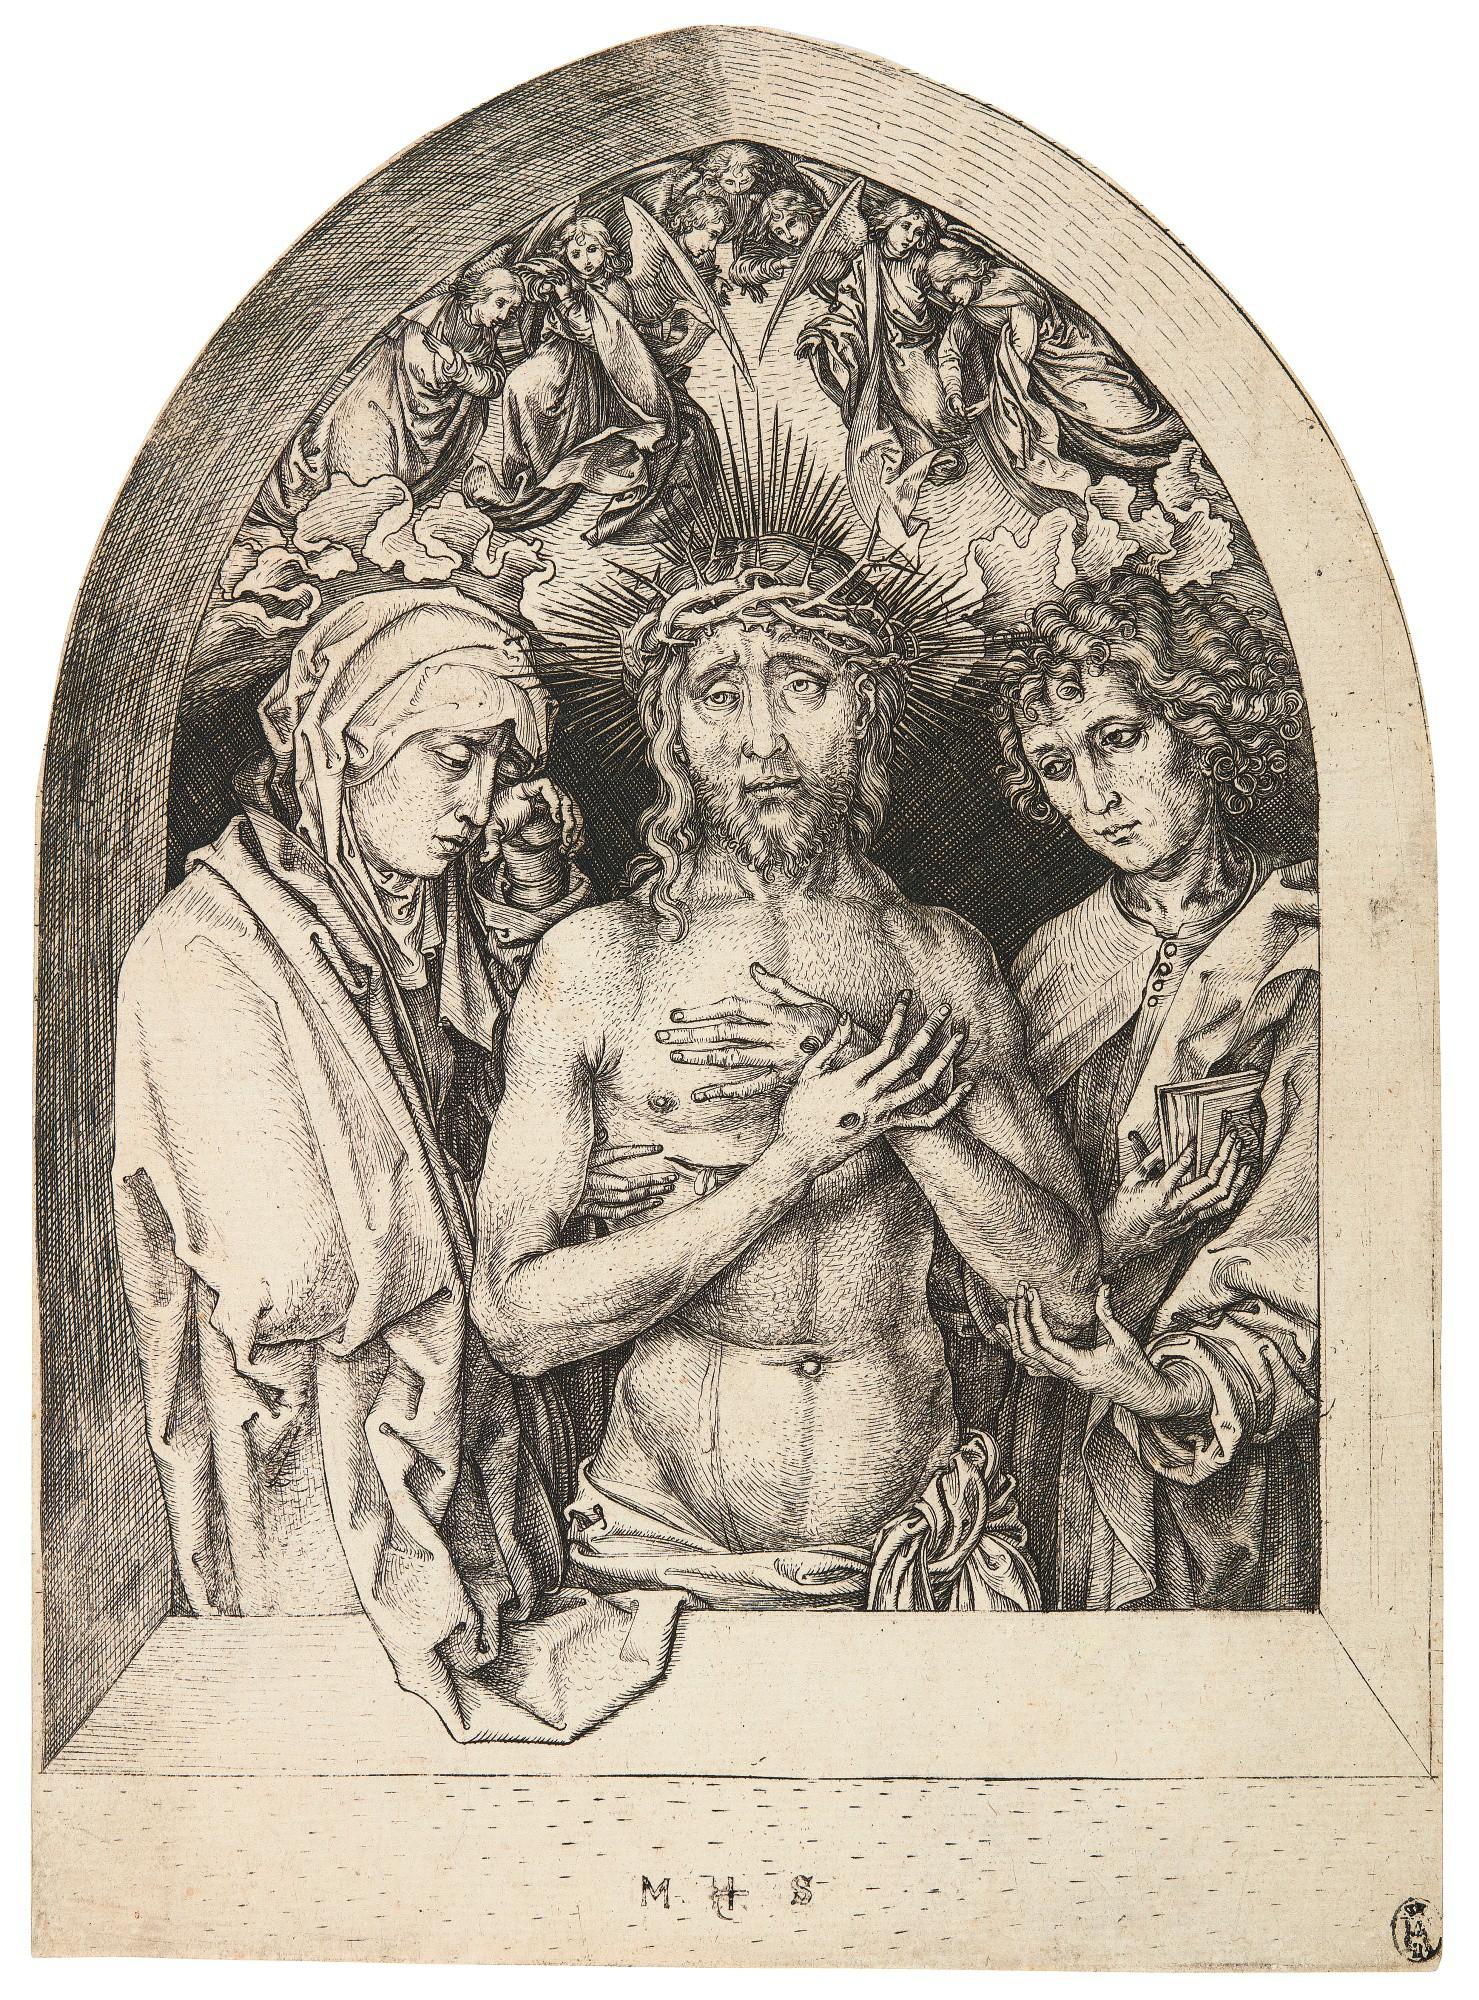 MARTIN SCHONGAUER   THE MAN OF SORROWS BETWEEN THE VIRGIN AND ST JOHN (BARTSCH 69; LEHRS, HOLLSTEIN 34)